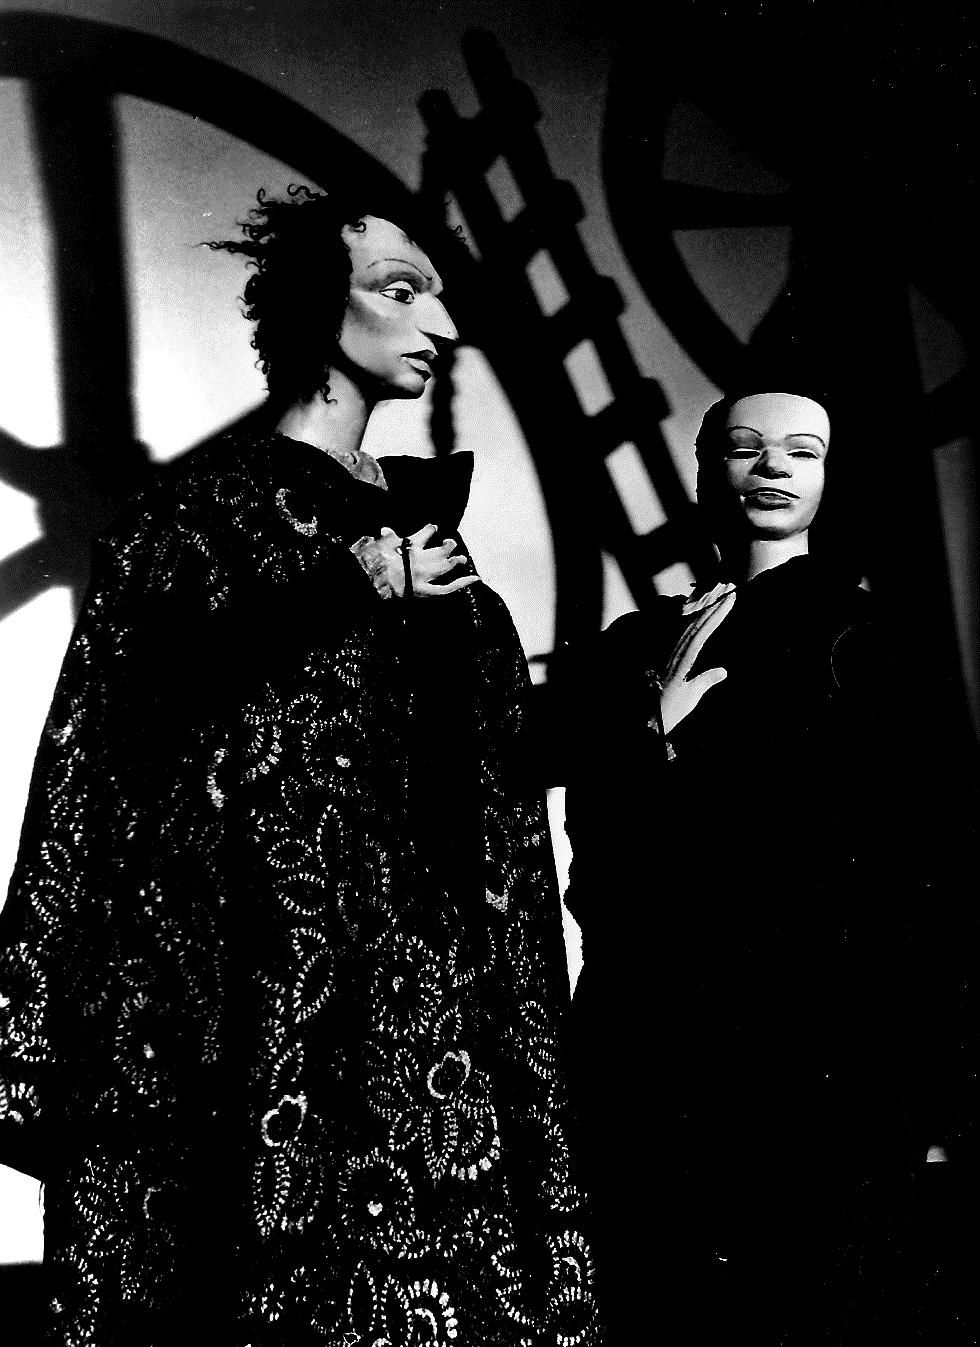 Deux personnages dans <em>Isabella and the Pot of Basil</em> (vers 1980) par Barry Smith, hauteur : 1,25 metres. Photo réproduite avec l'aimable autorisation de Collection : The National Puppetry Archive